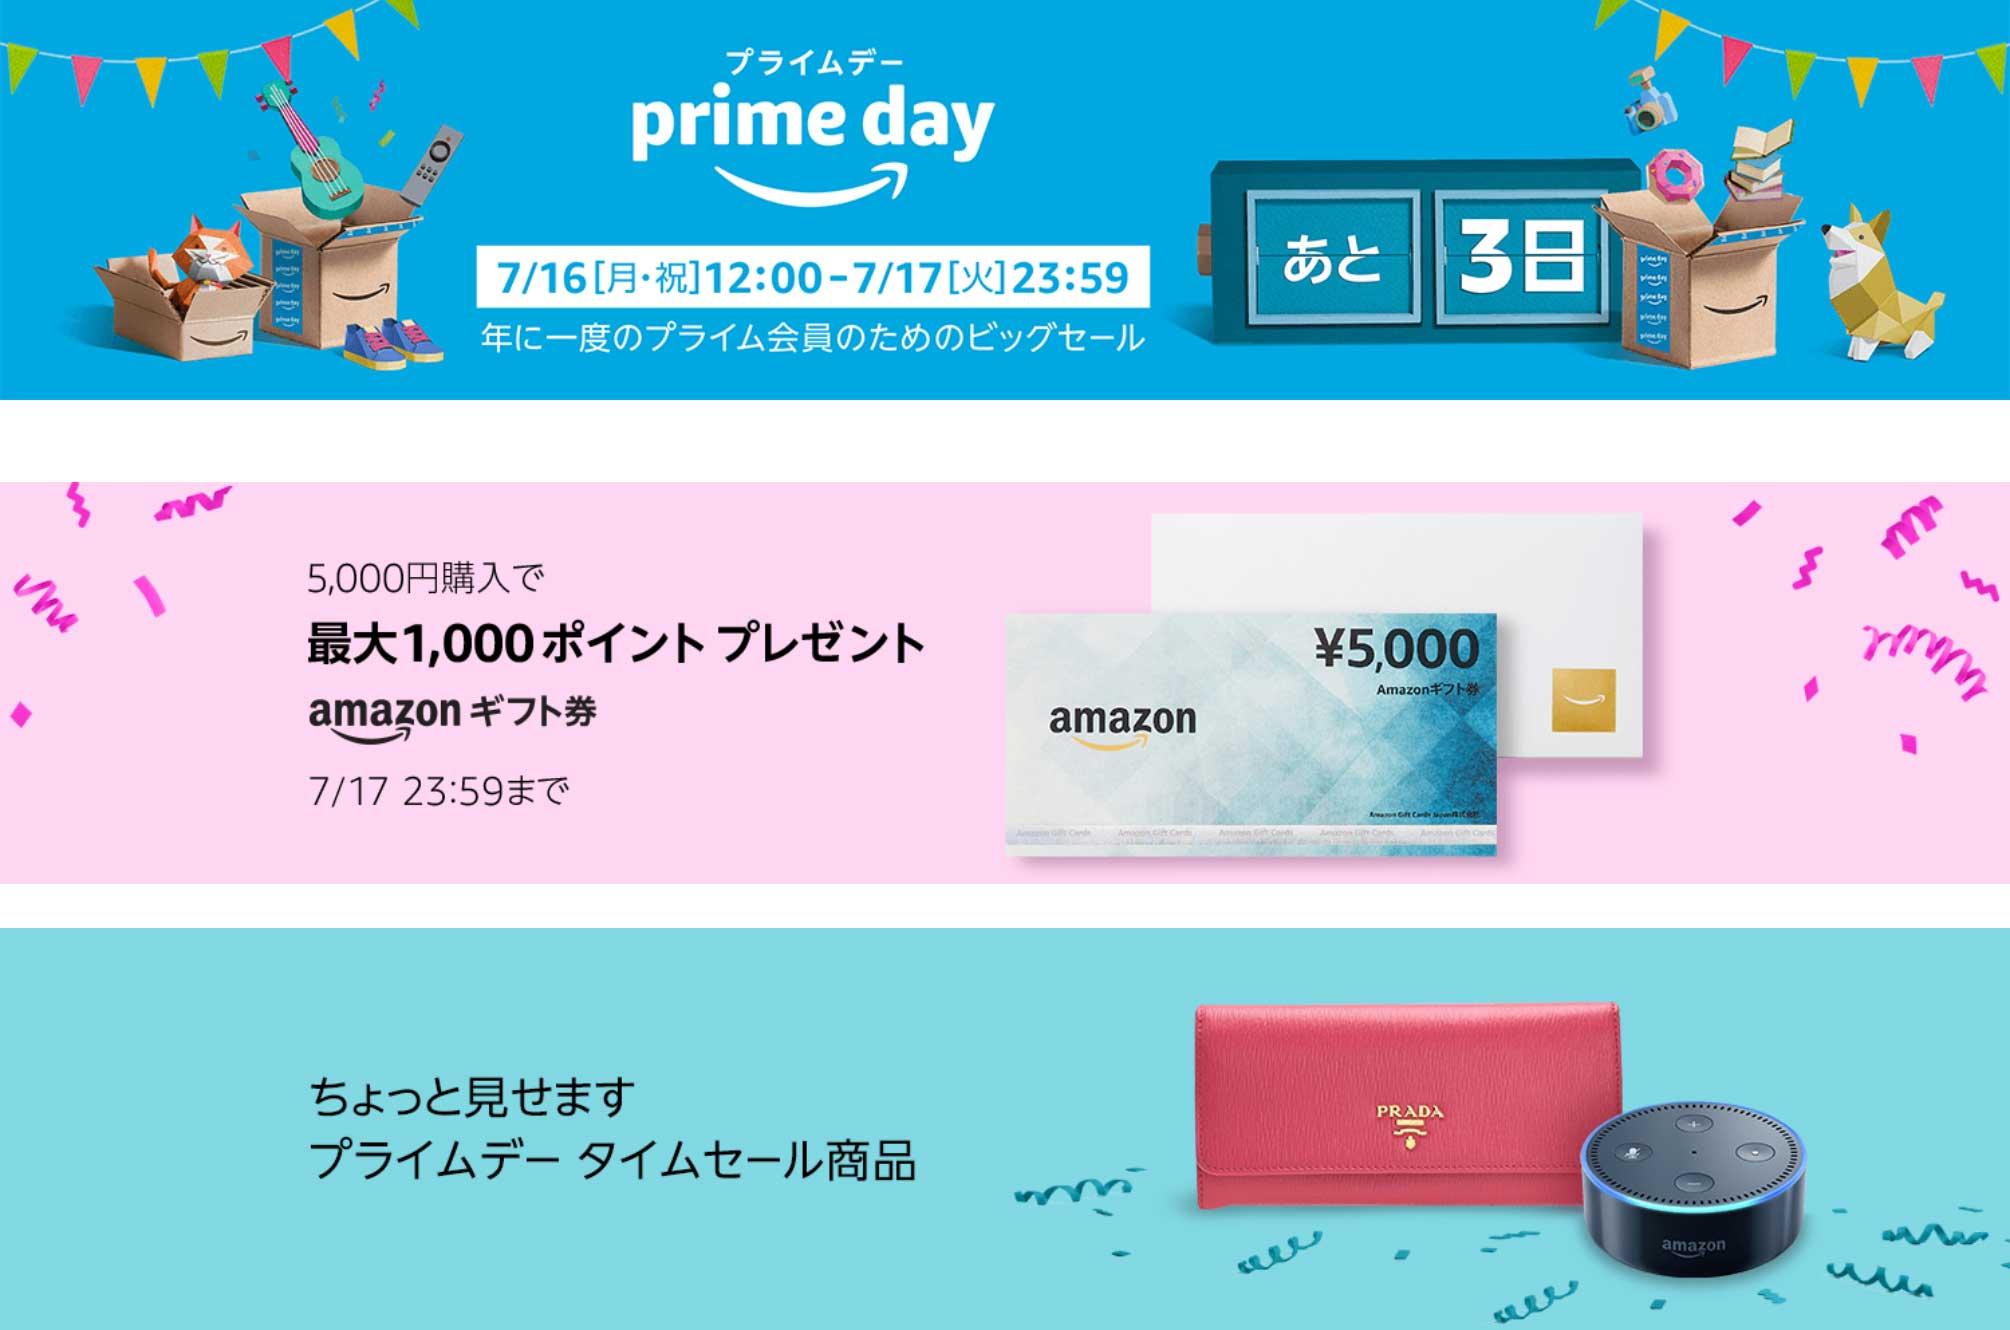 アマゾン プライムデー 特典と最安値と買うべき商品一覧 amazon_primeday_02